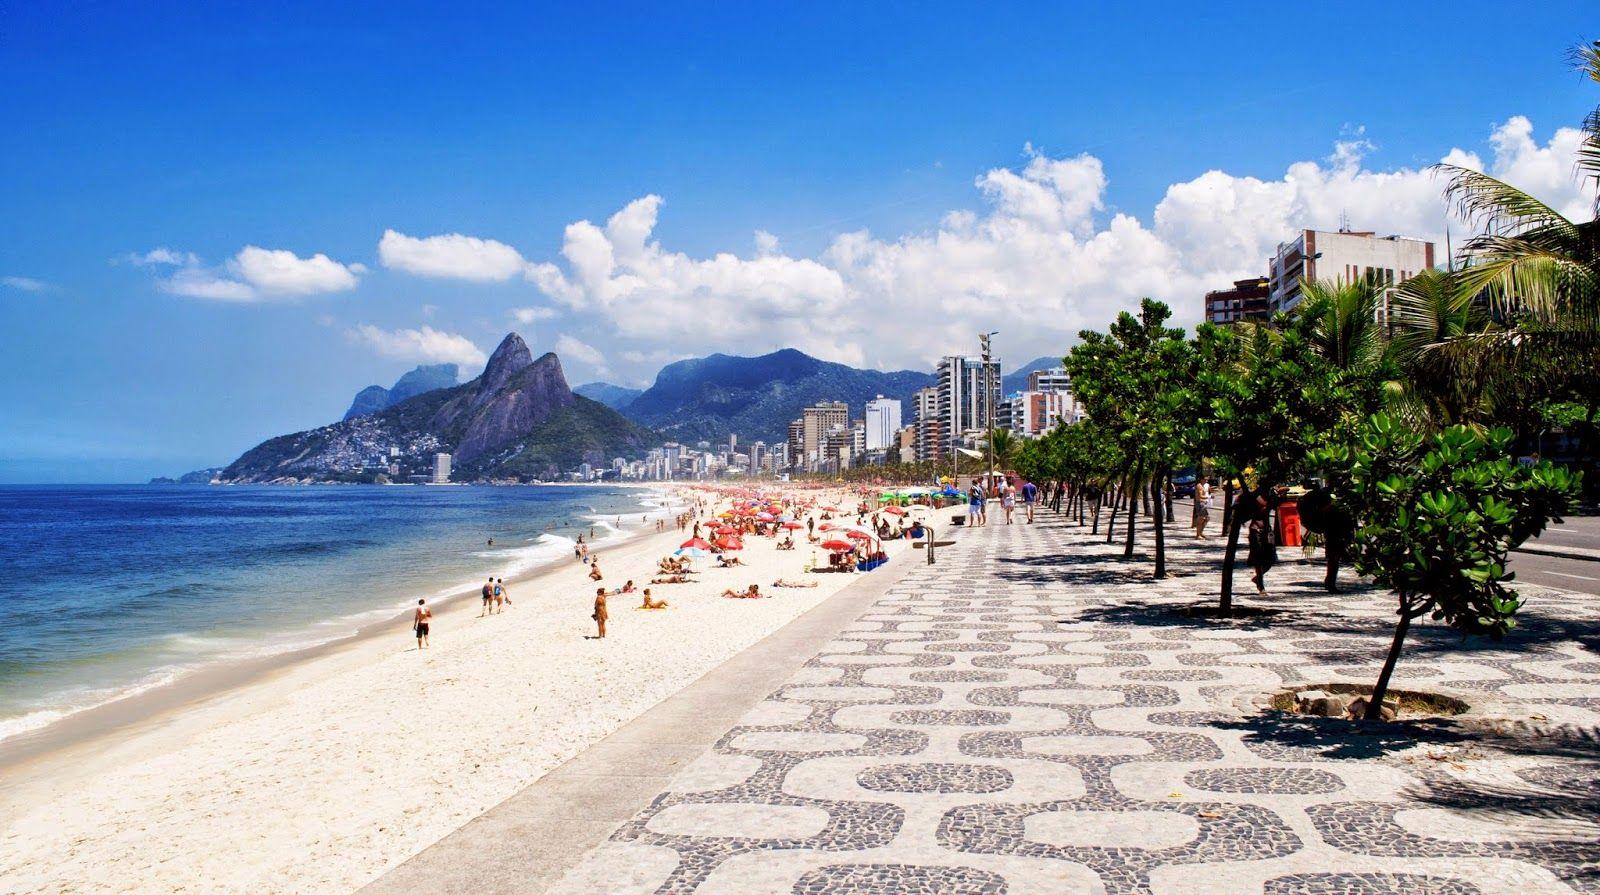 Brasil: ¿cuáles son los destinos para los que recomiendan vacunarse contra la fiebre amarilla?